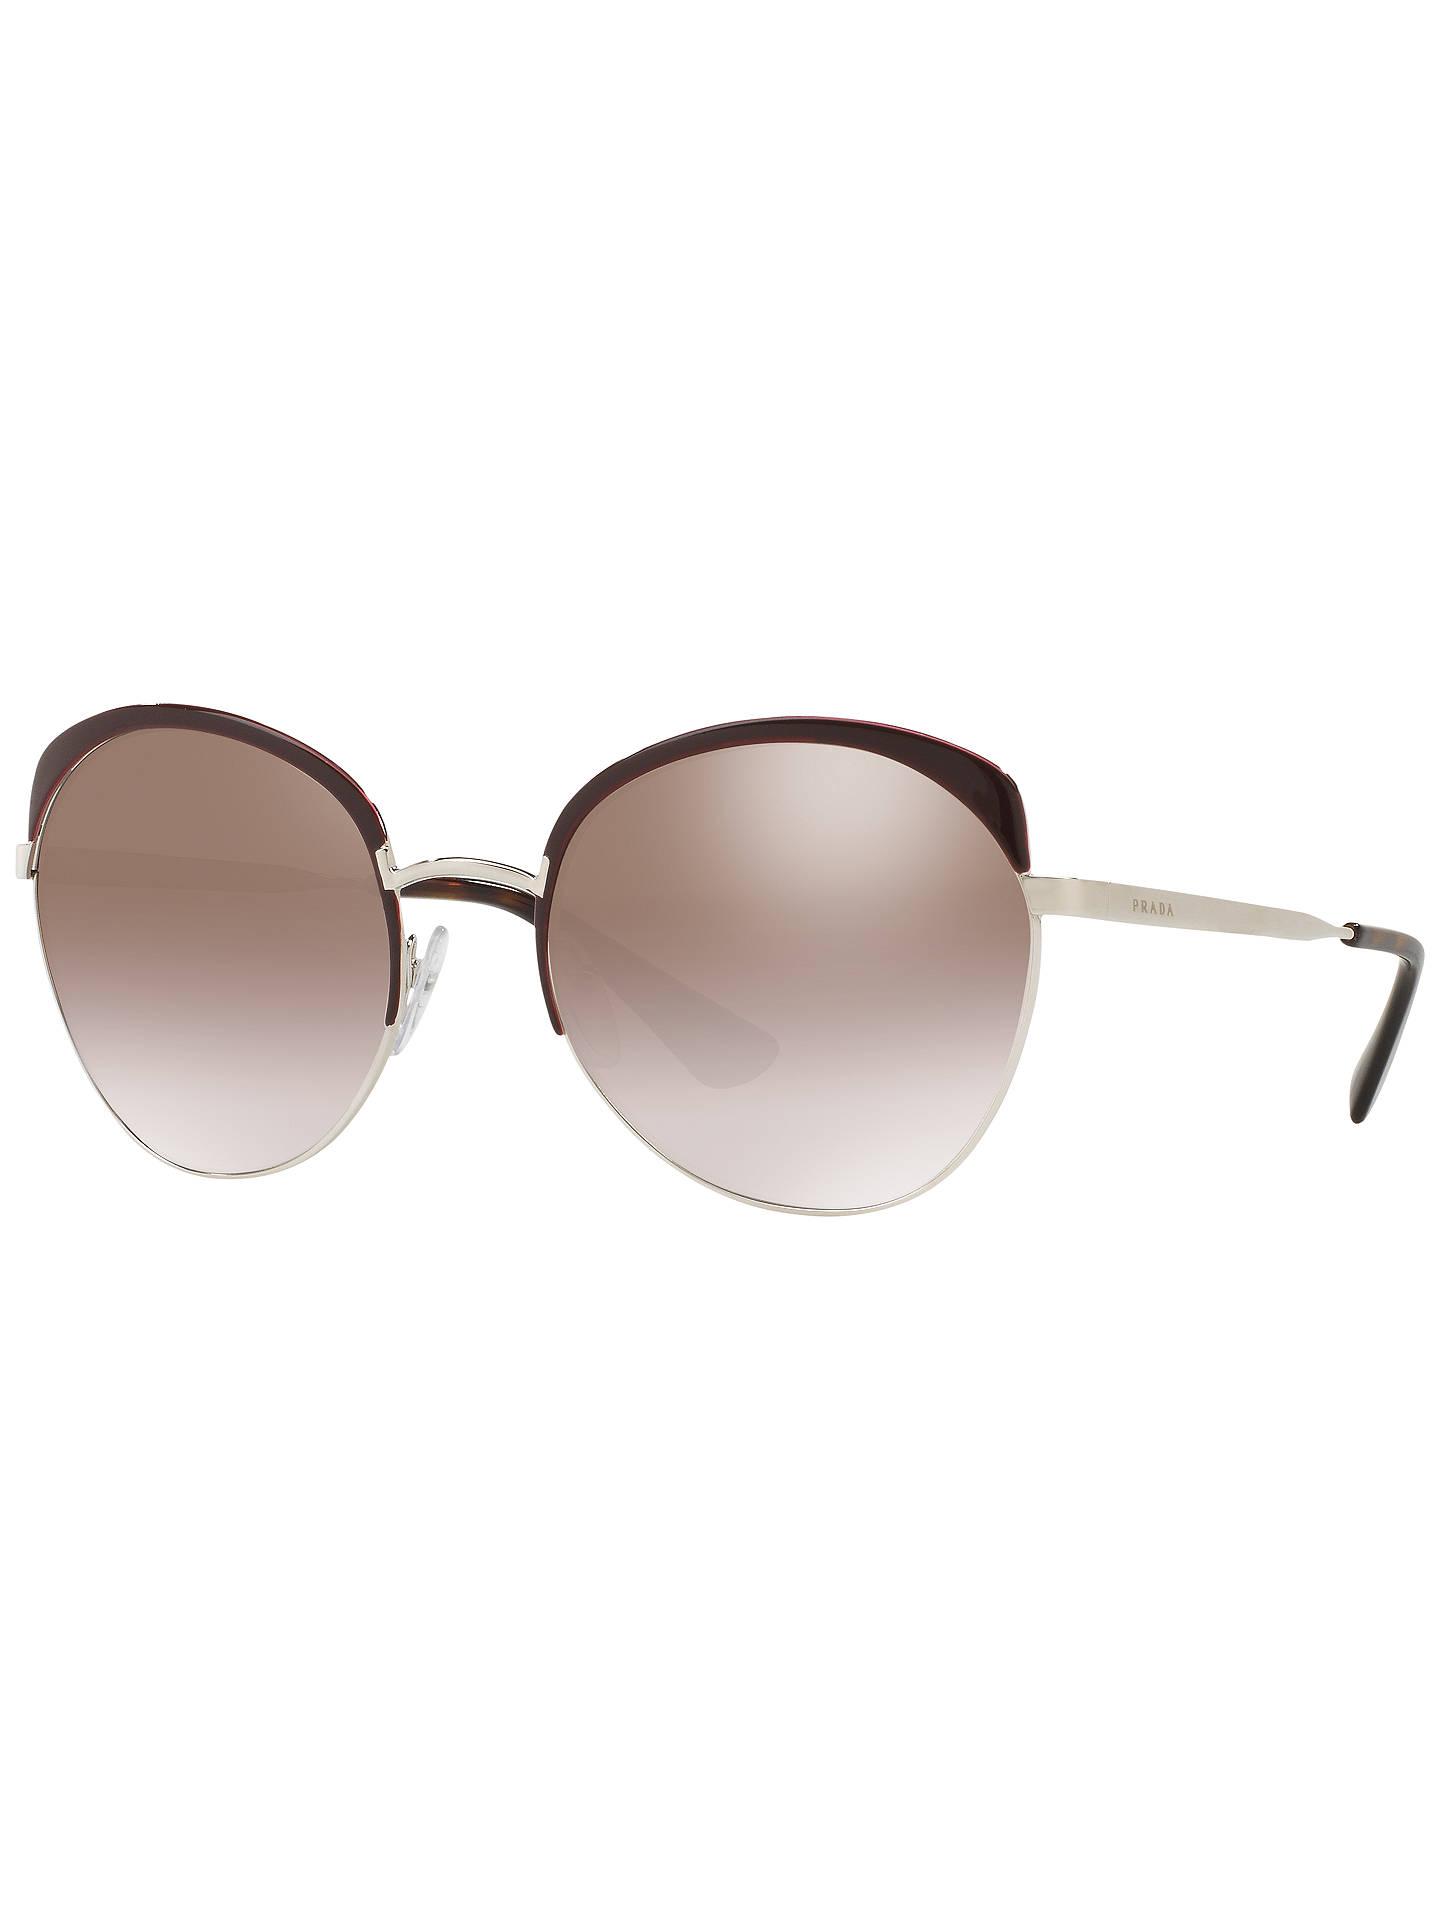 6a3a33b5e Buy Prada PR 54SS Round Half Frame Sunglasses, Silver Online at  johnlewis.com ...